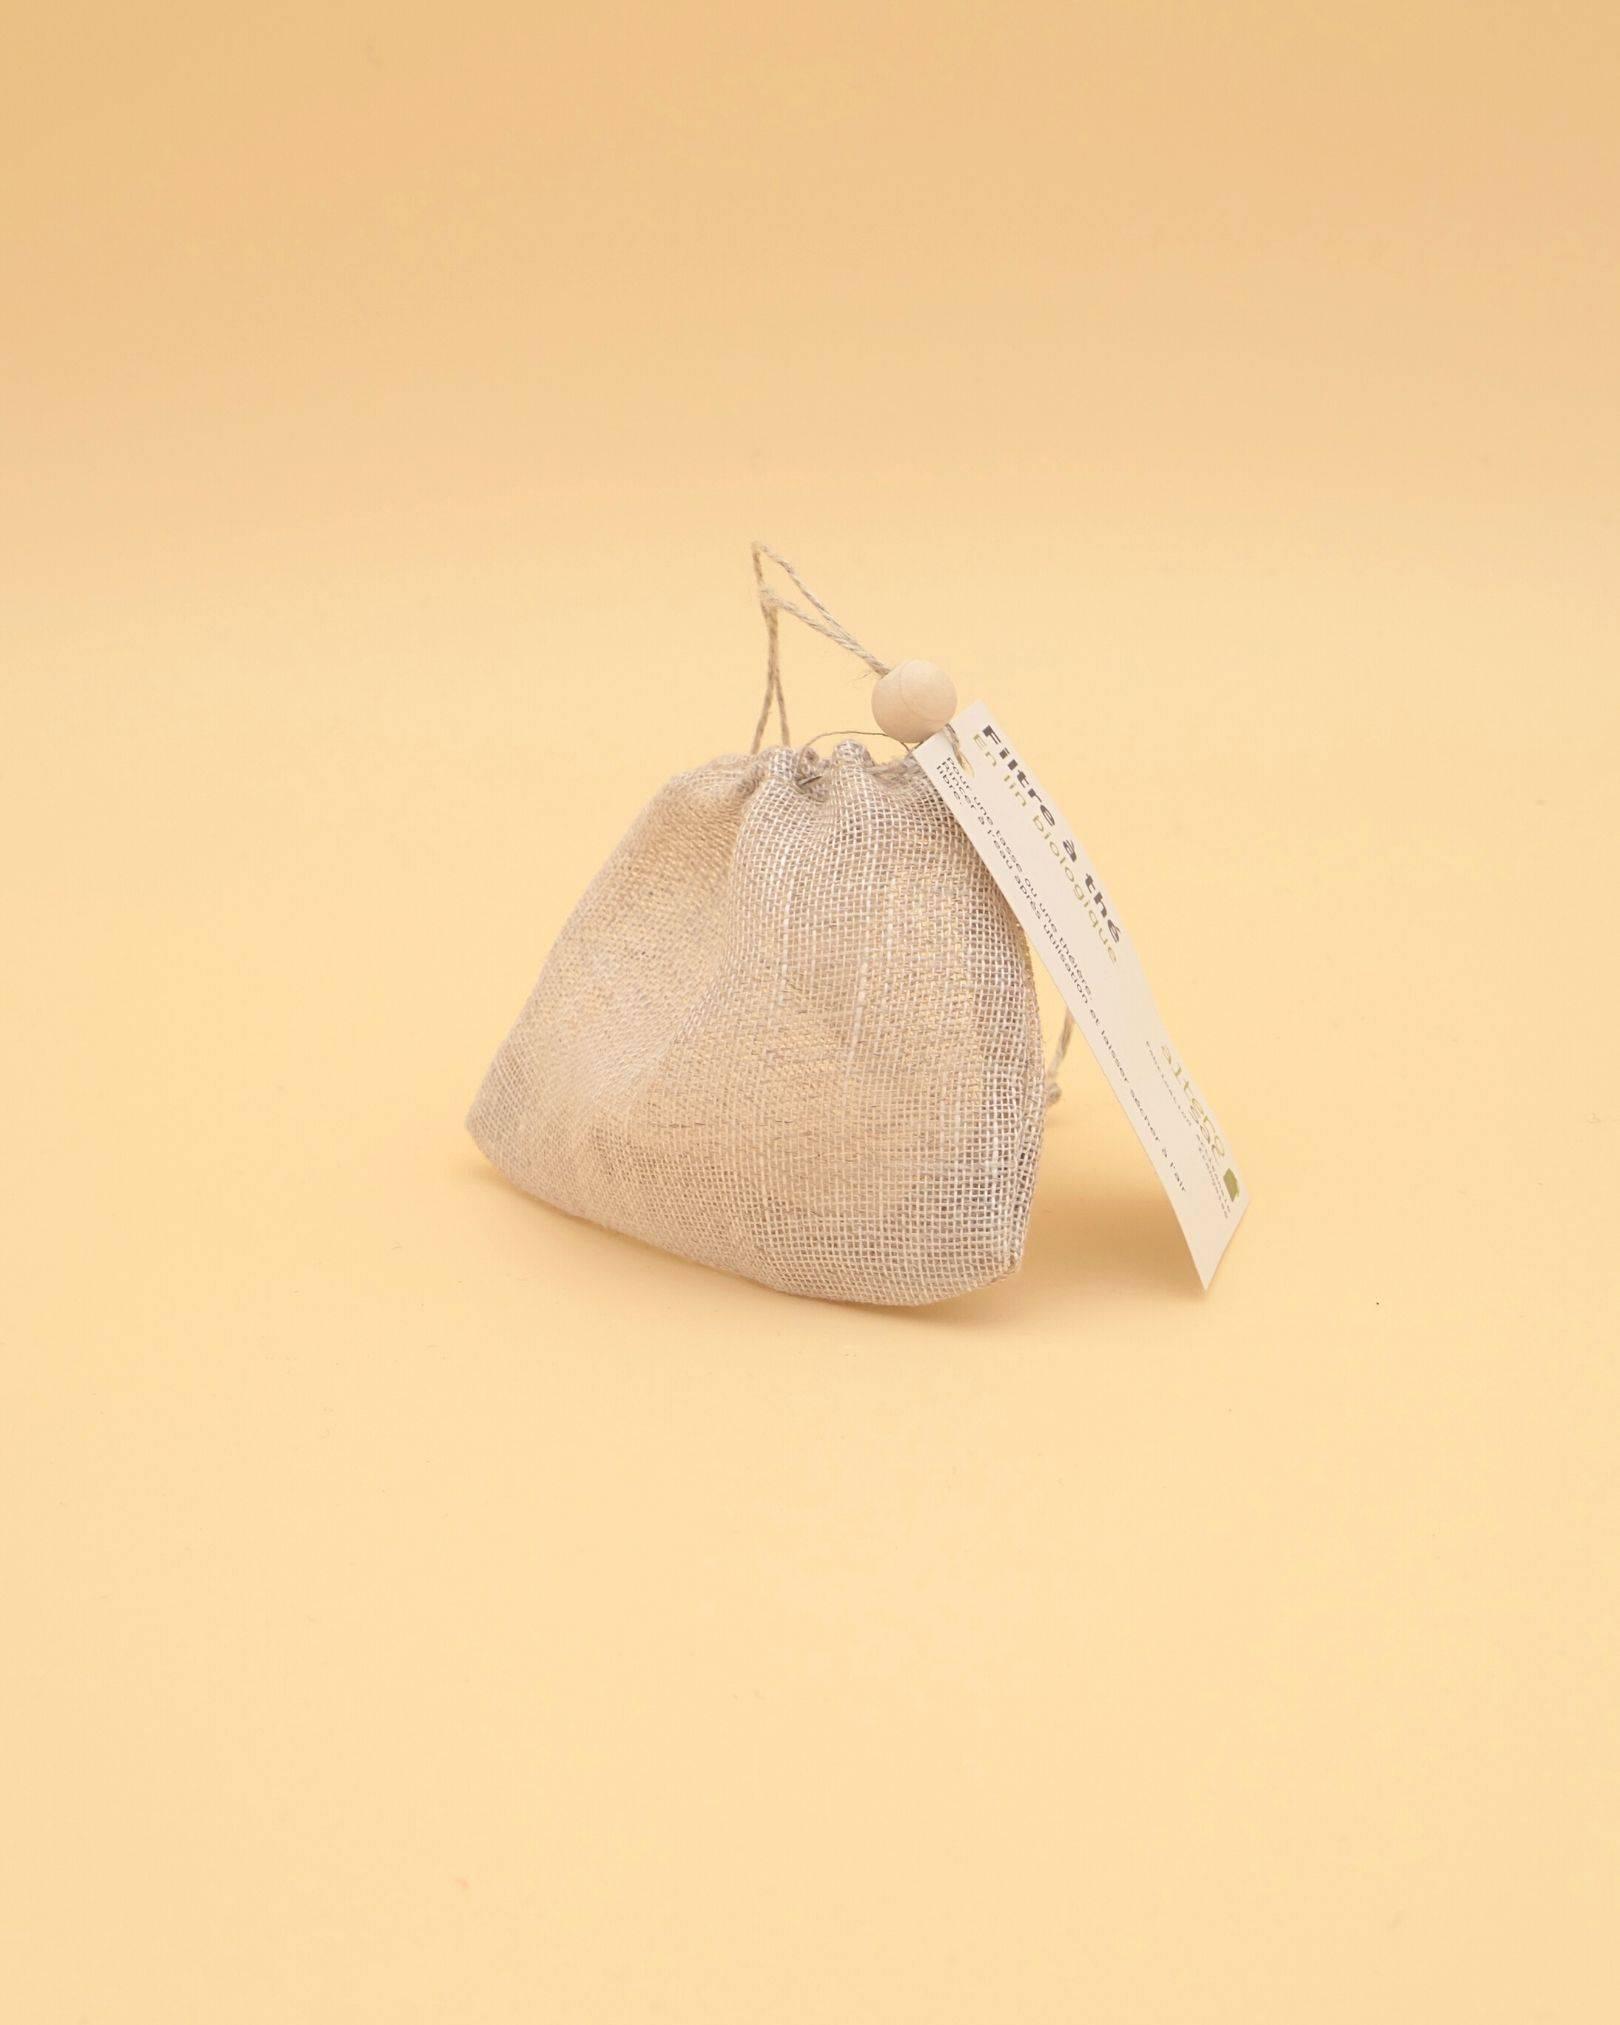 Infuseur à thé en lin biologique - Alterosac - The Trust Society